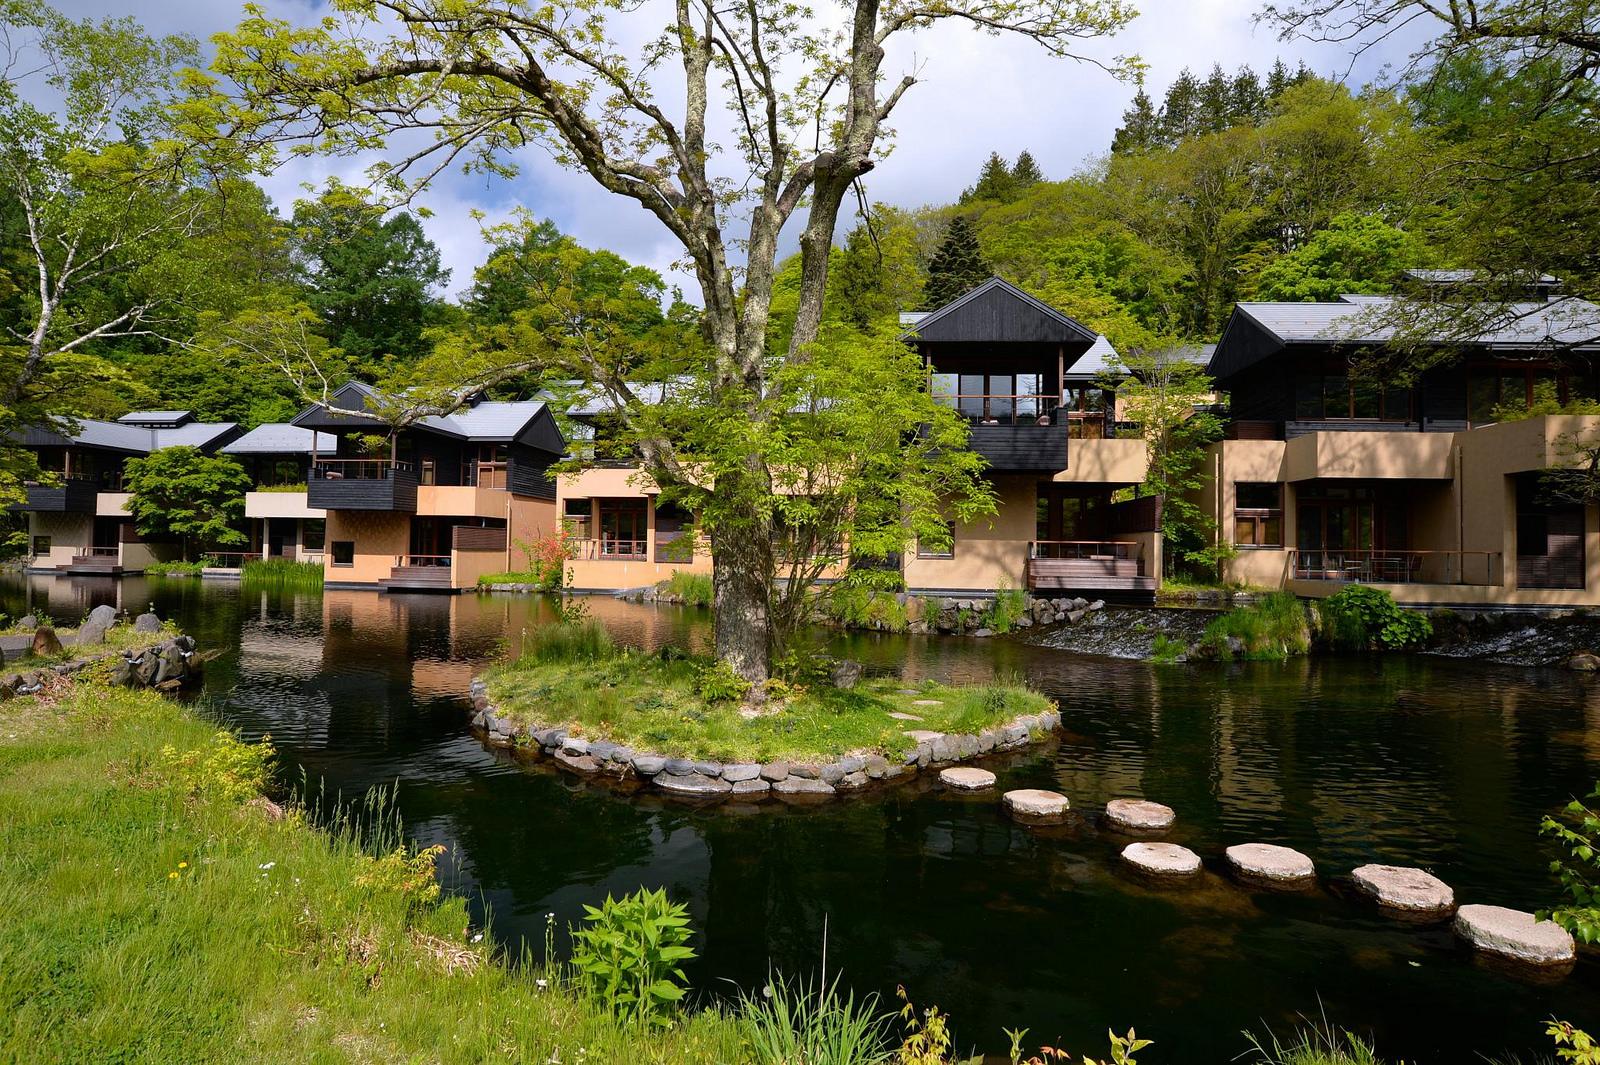 Nagano Hotels